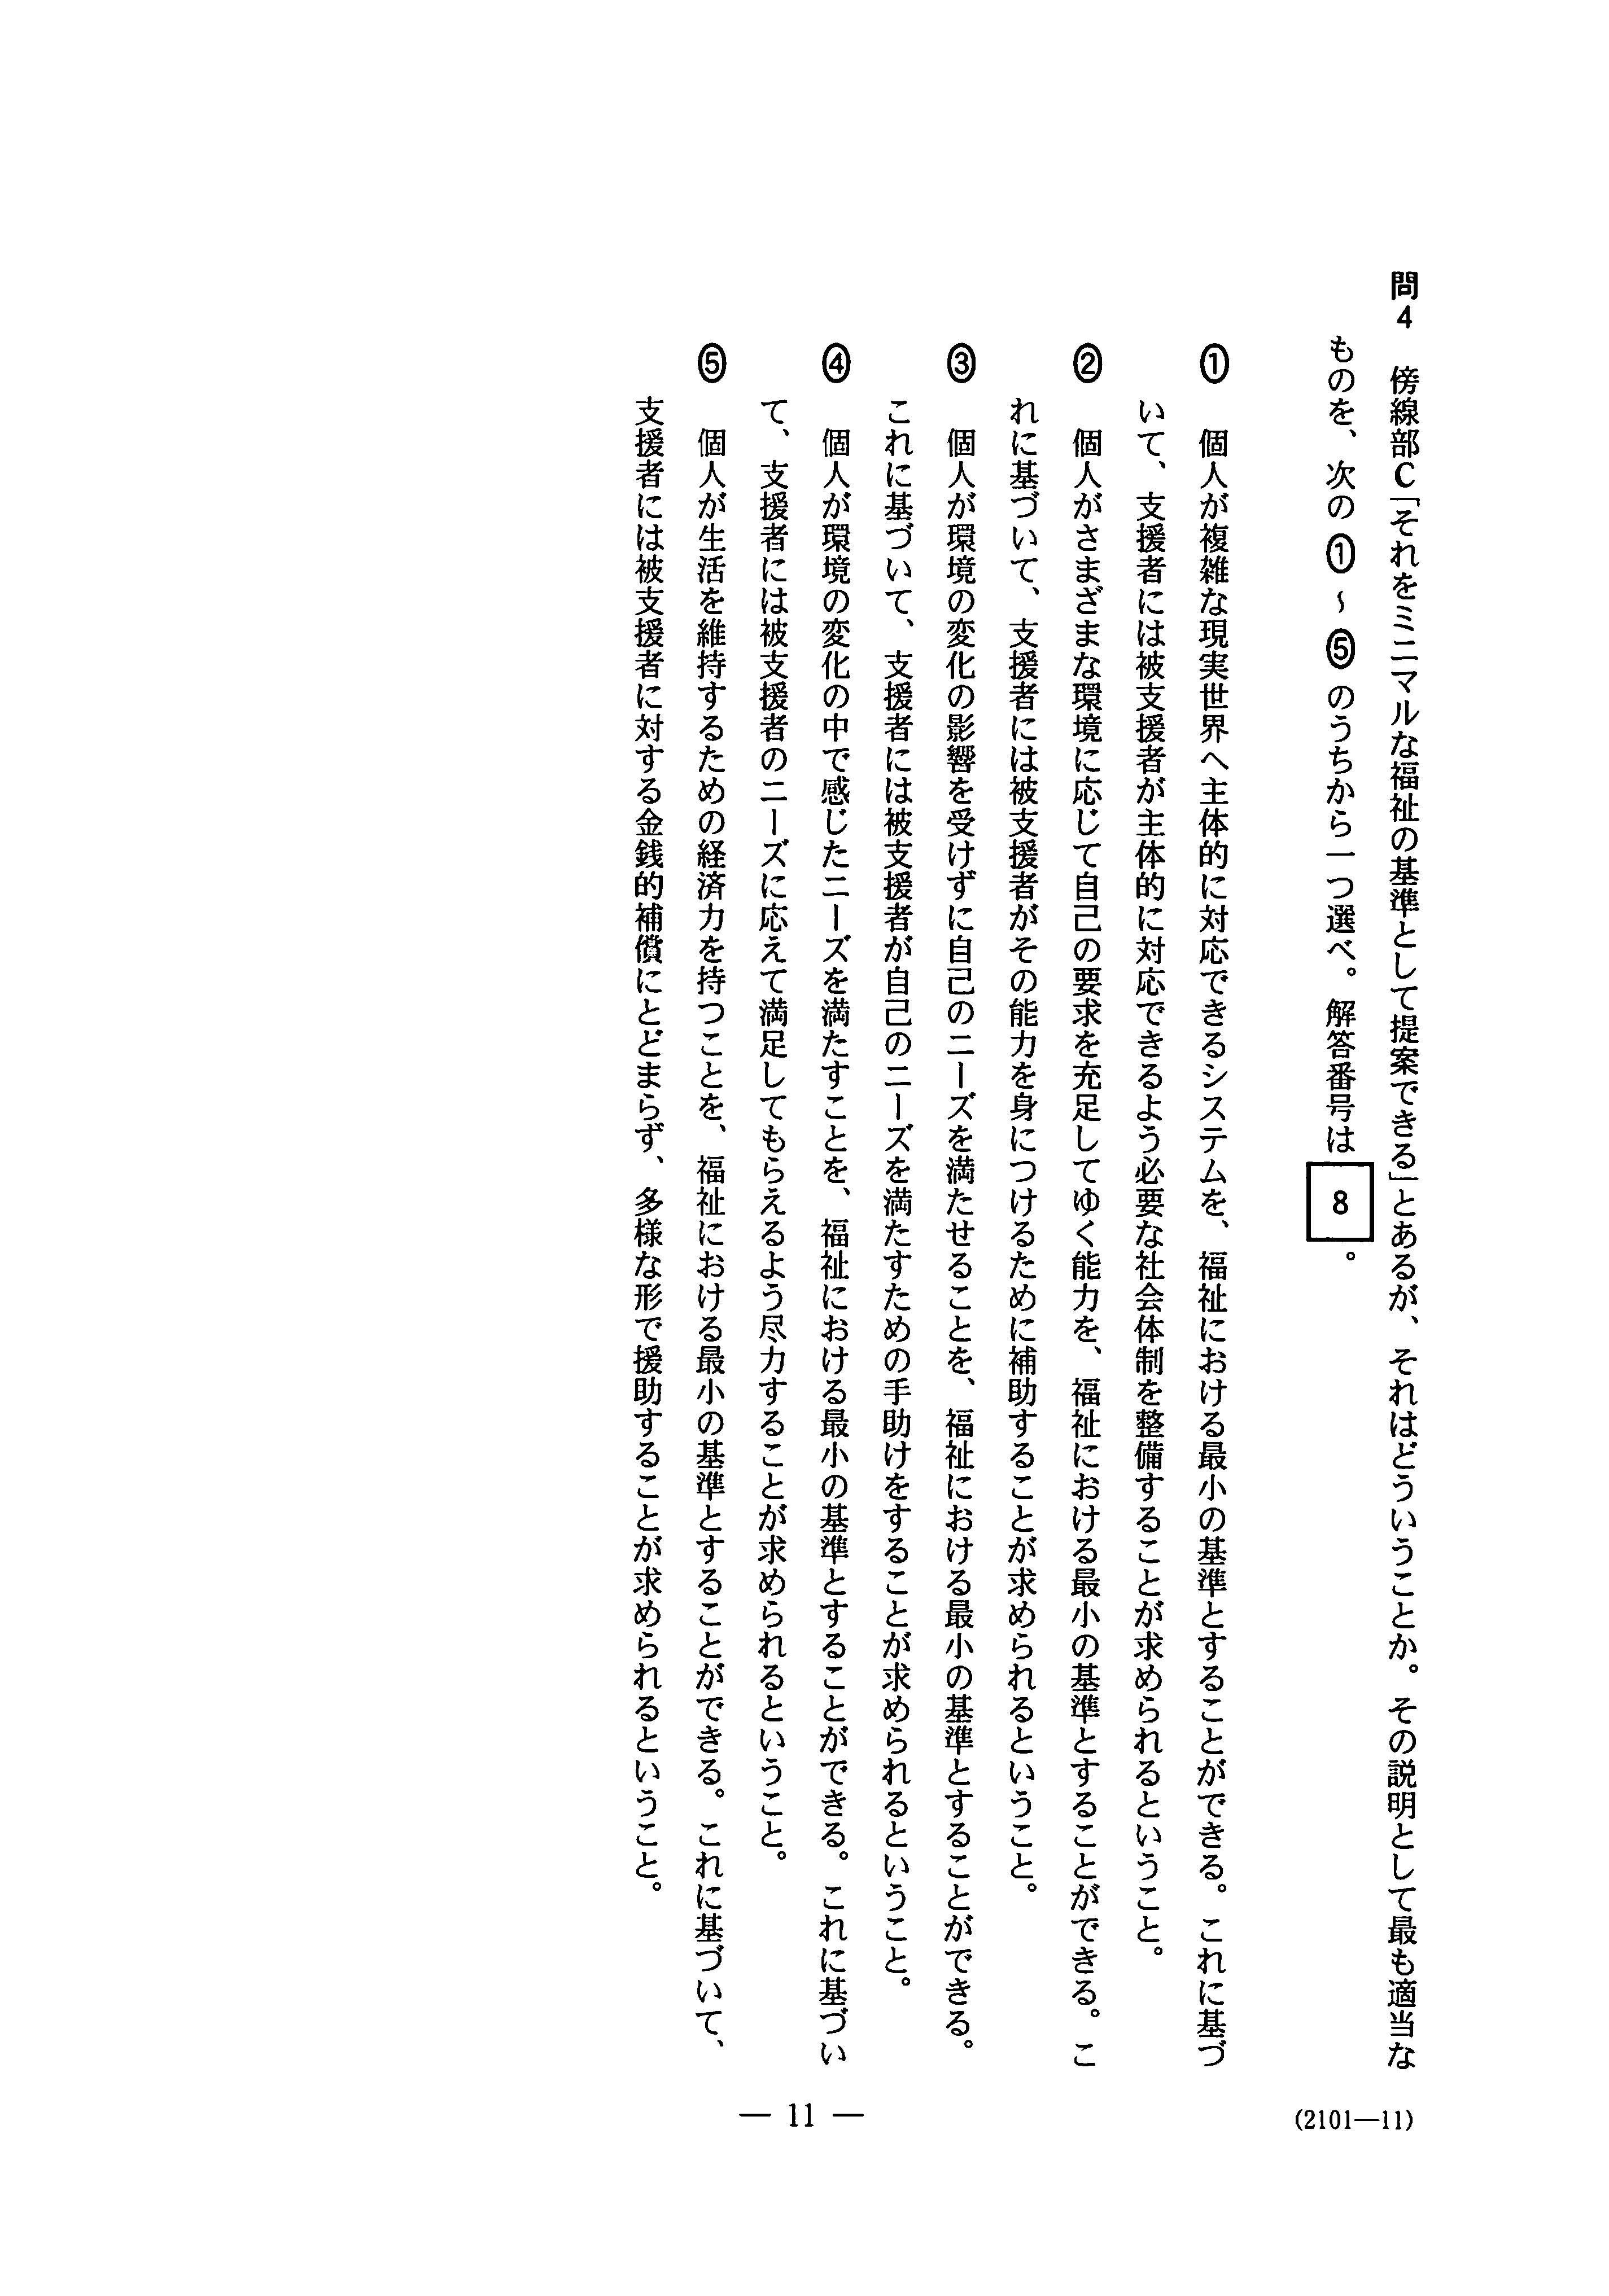 2020年 令和2年 国語 センター試験過去問題or解答